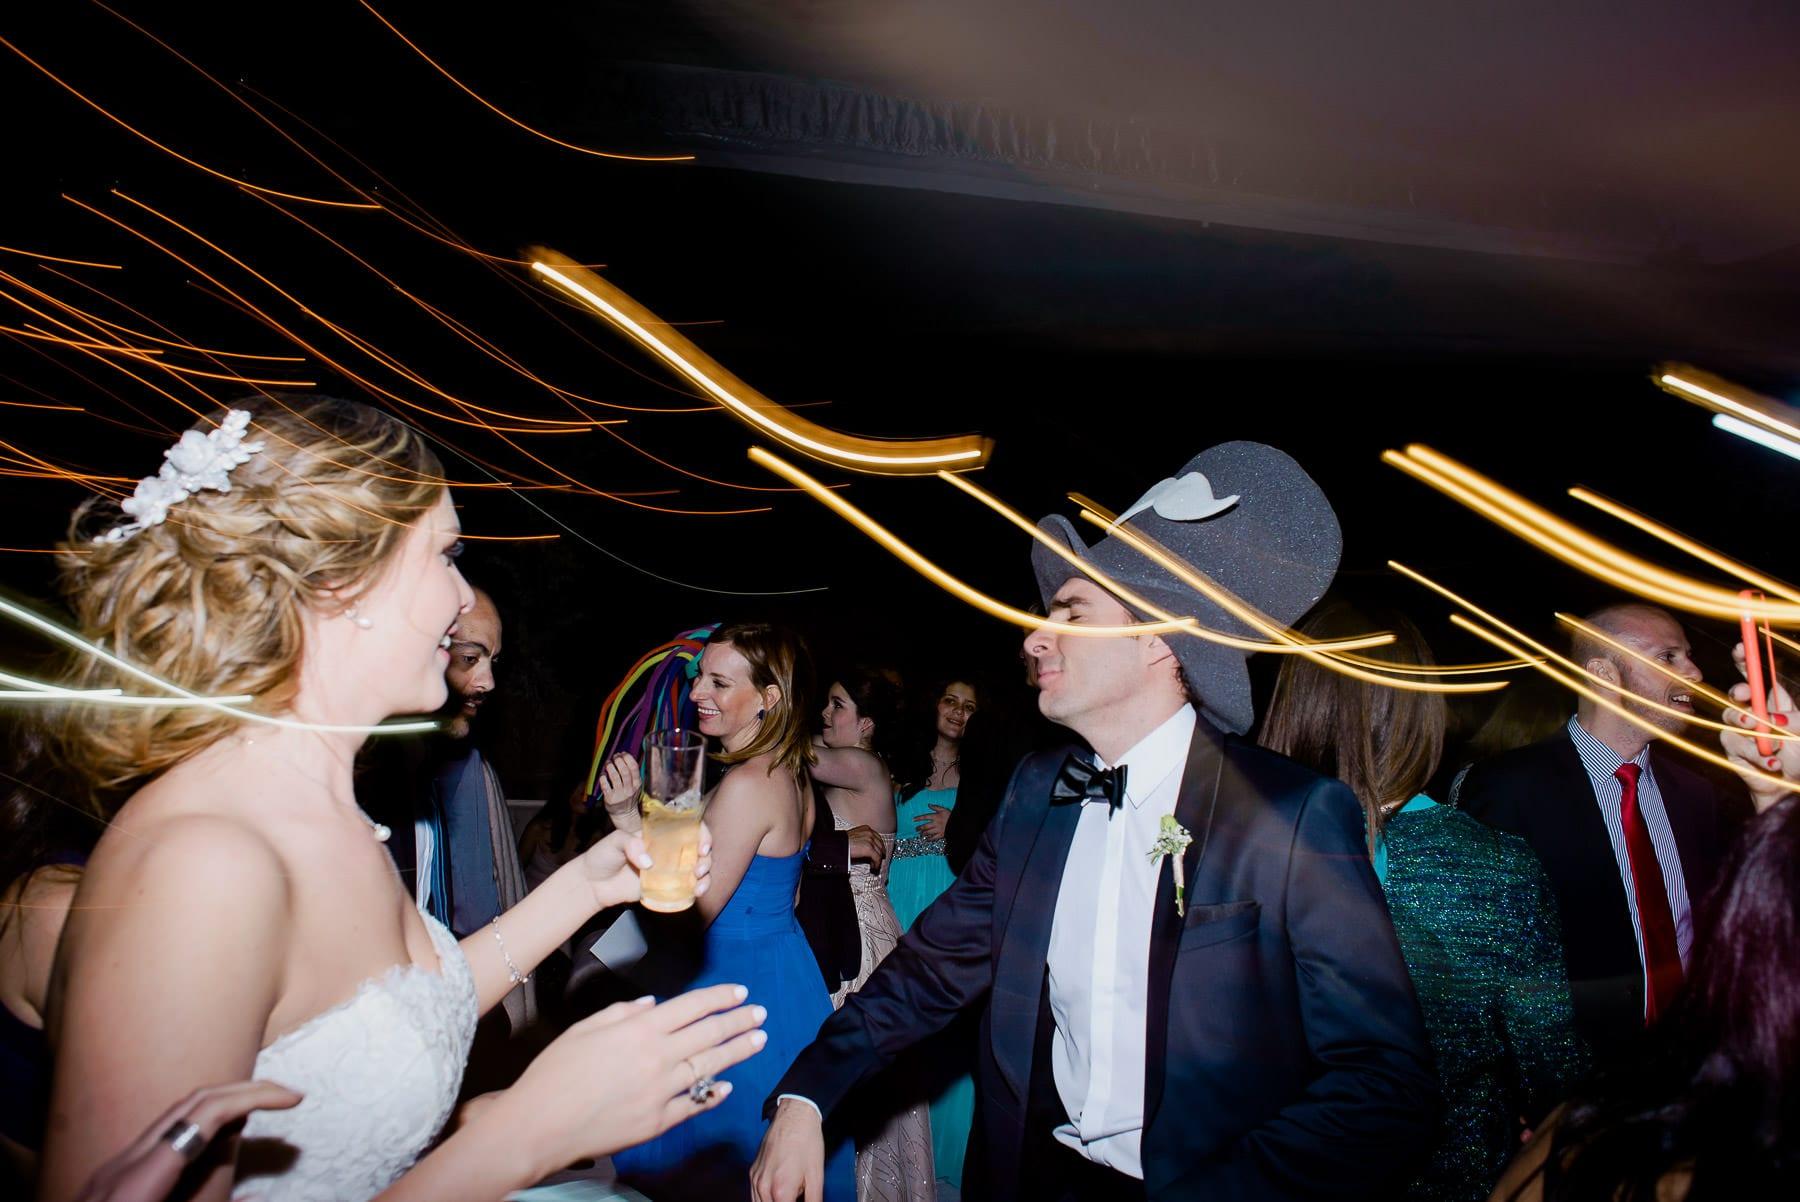 fotografo-de-bodas-en-queretaro-62